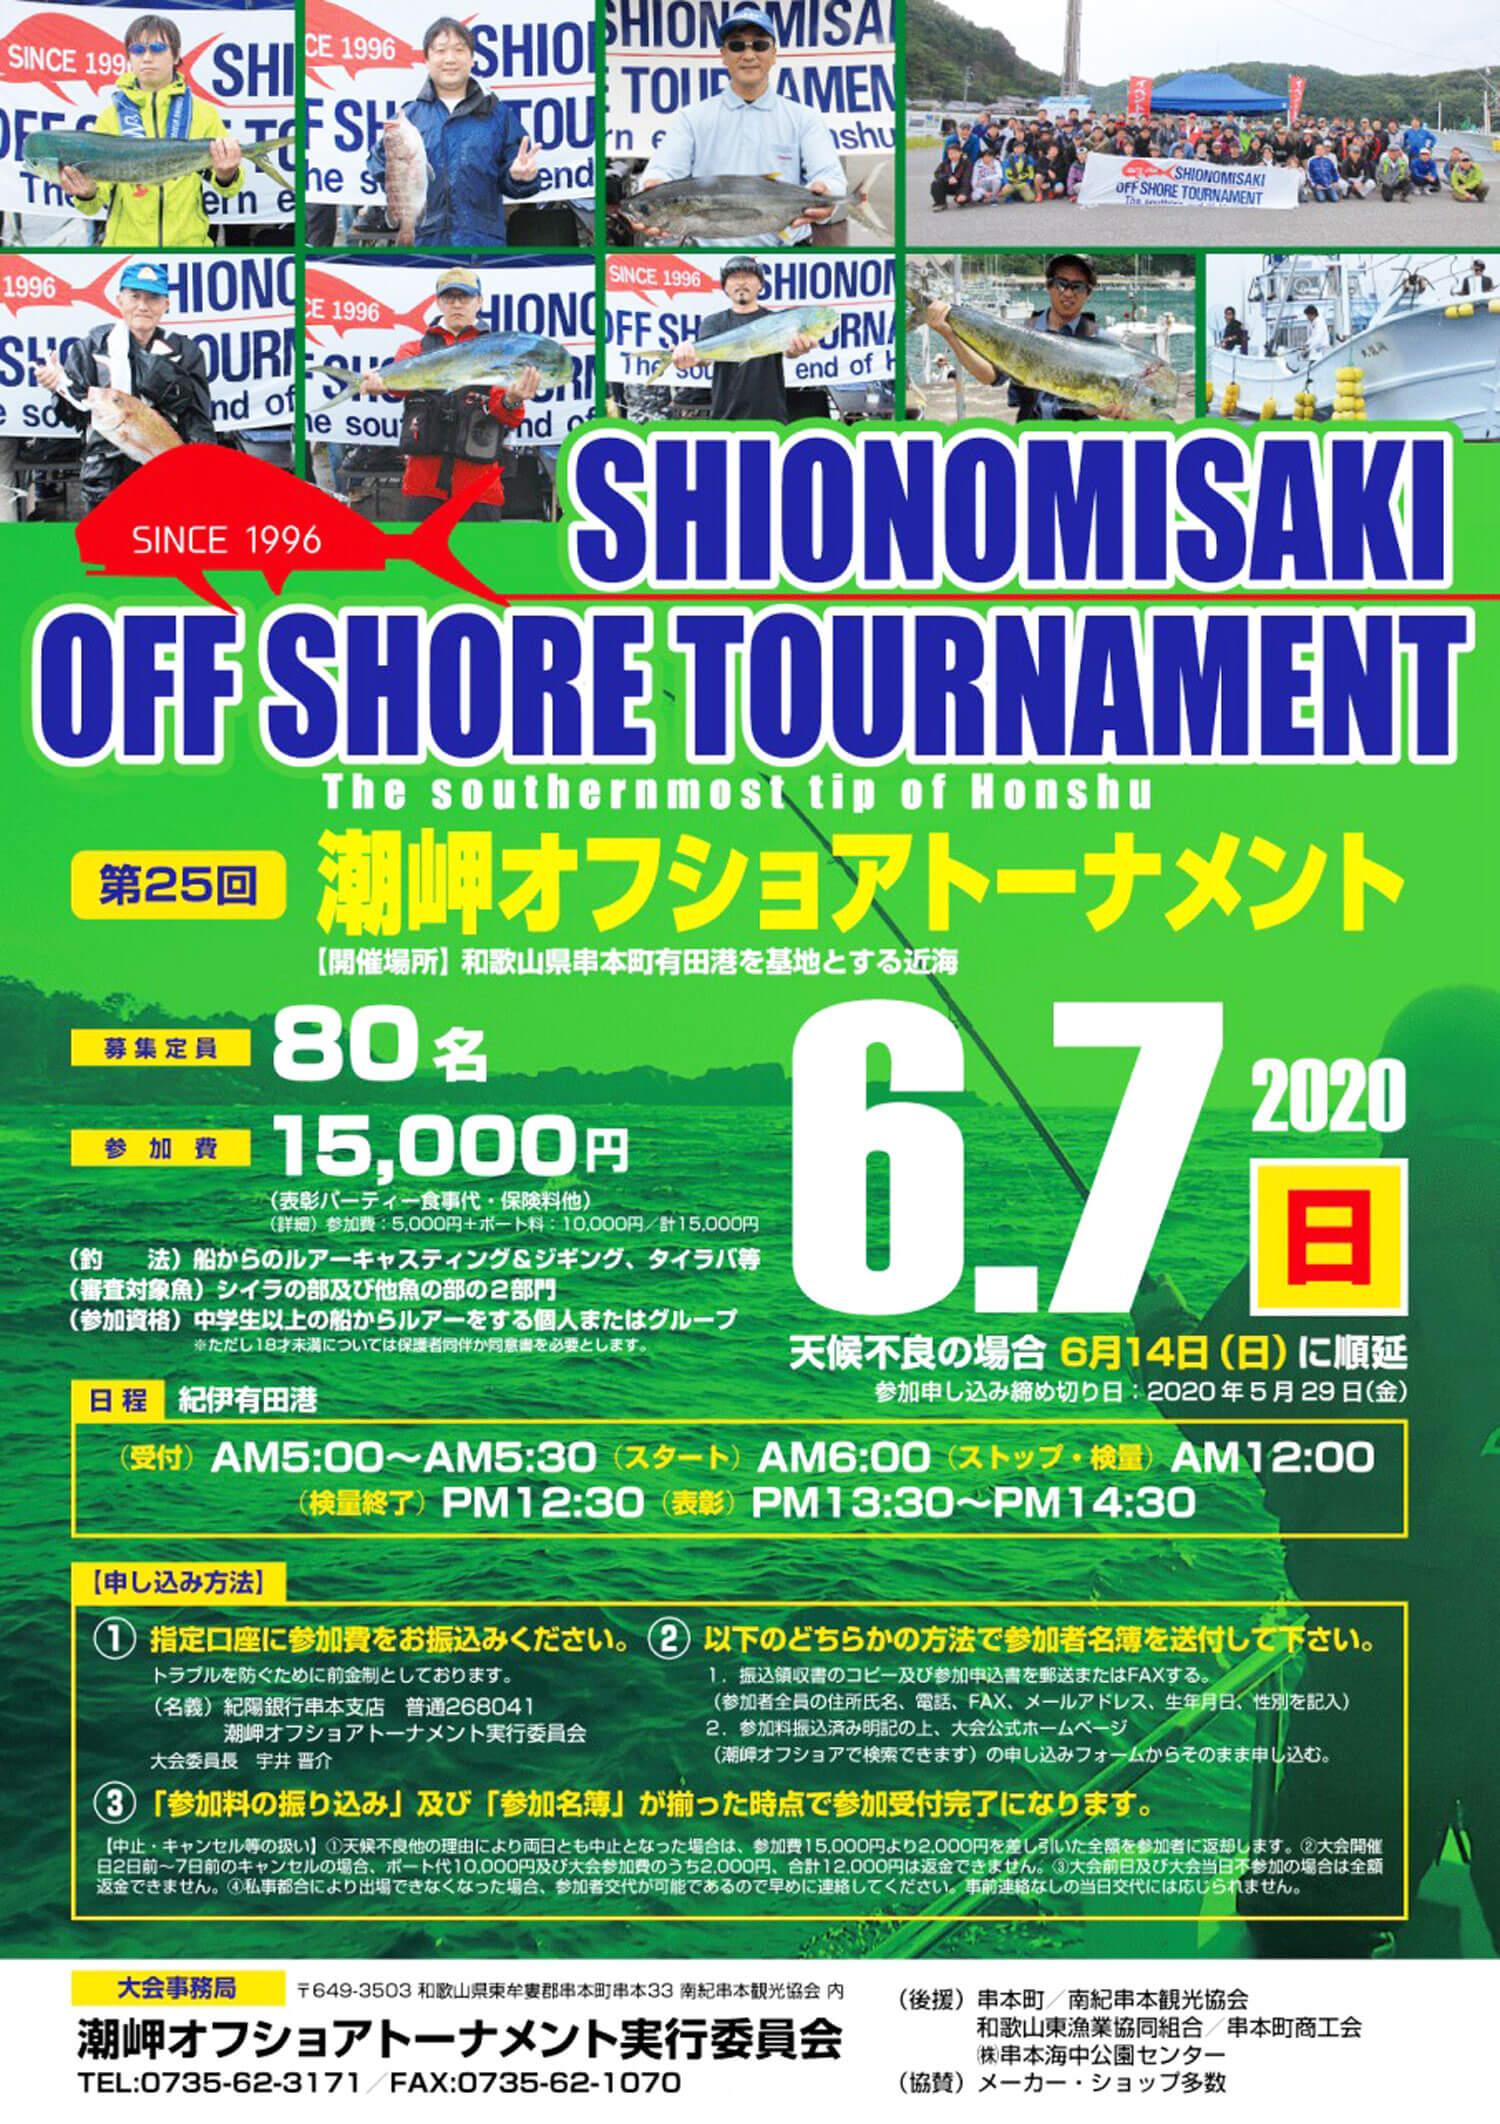 釣りイベント・潮岬オフショアートーナメント2